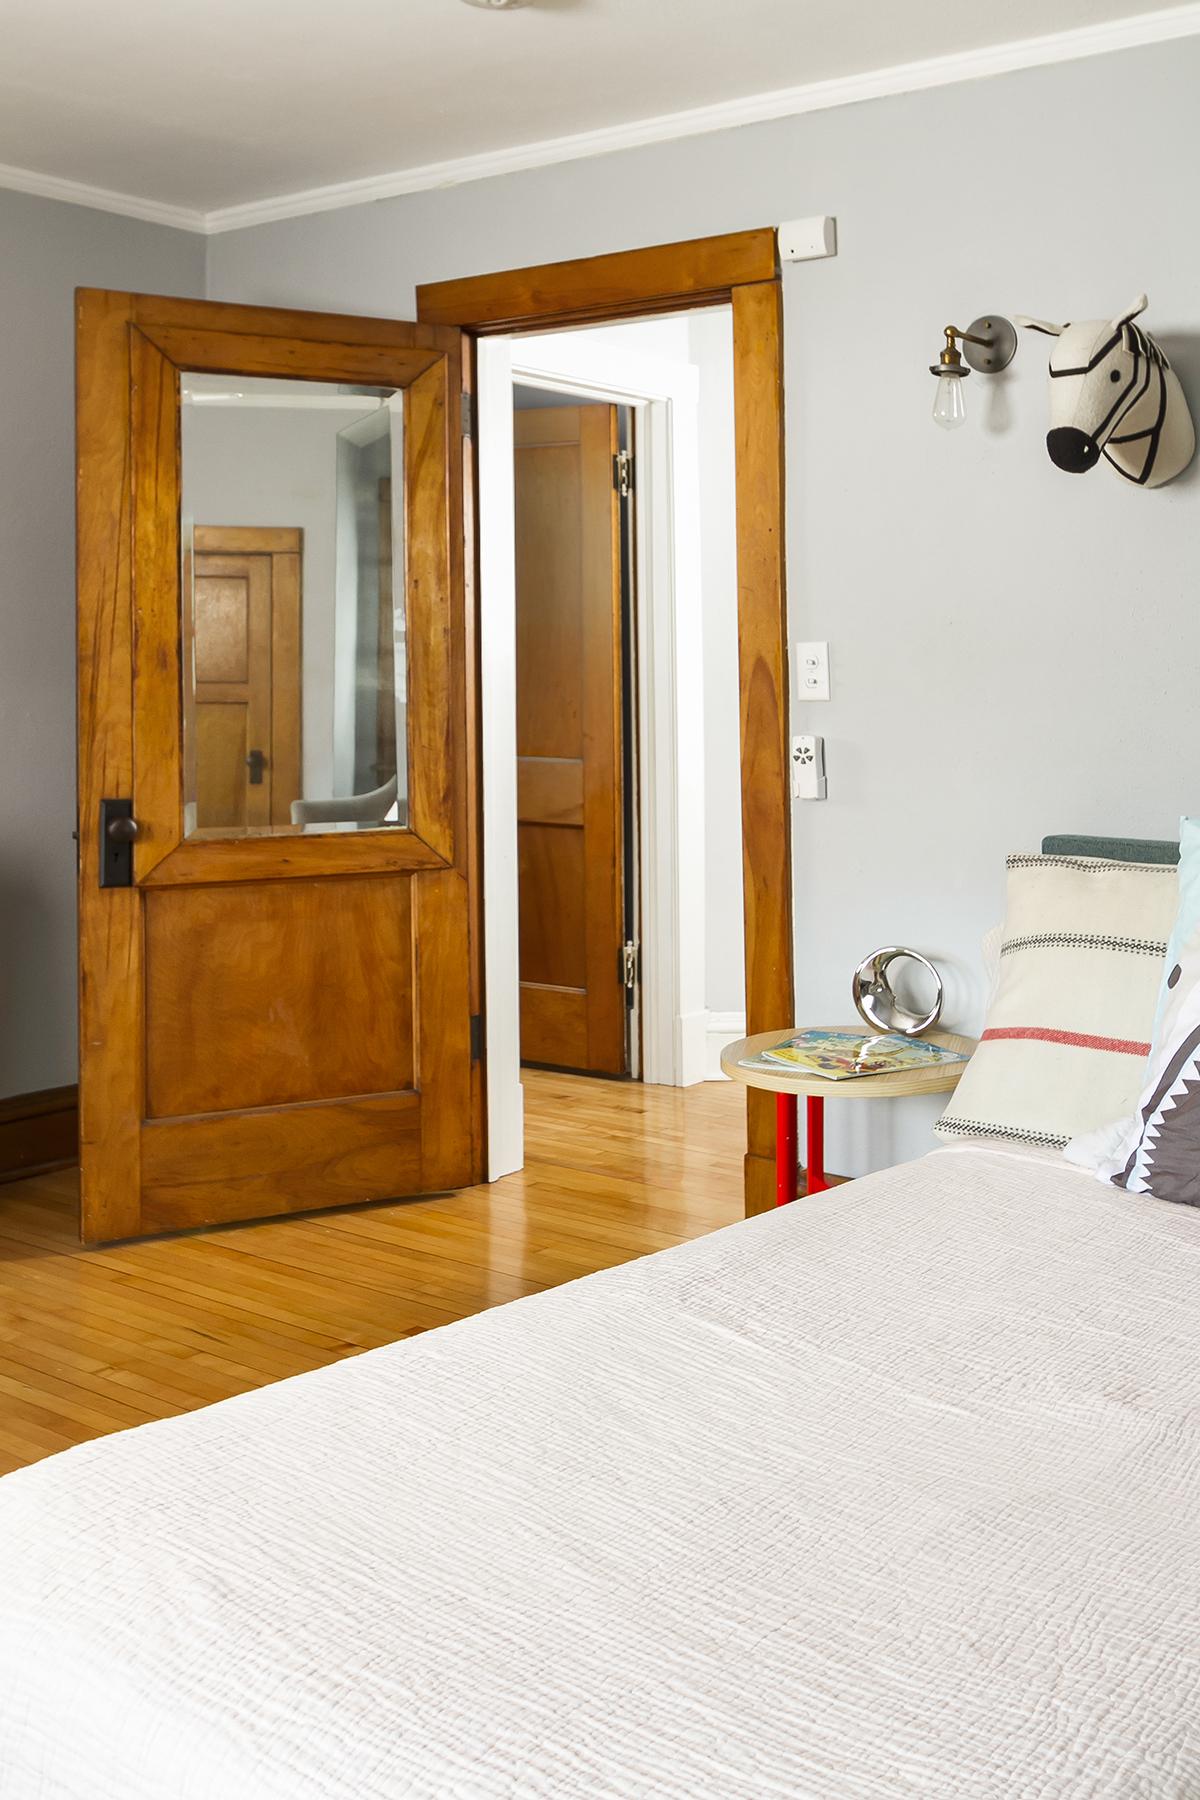 web_bedroom 2_v1_current.jpg